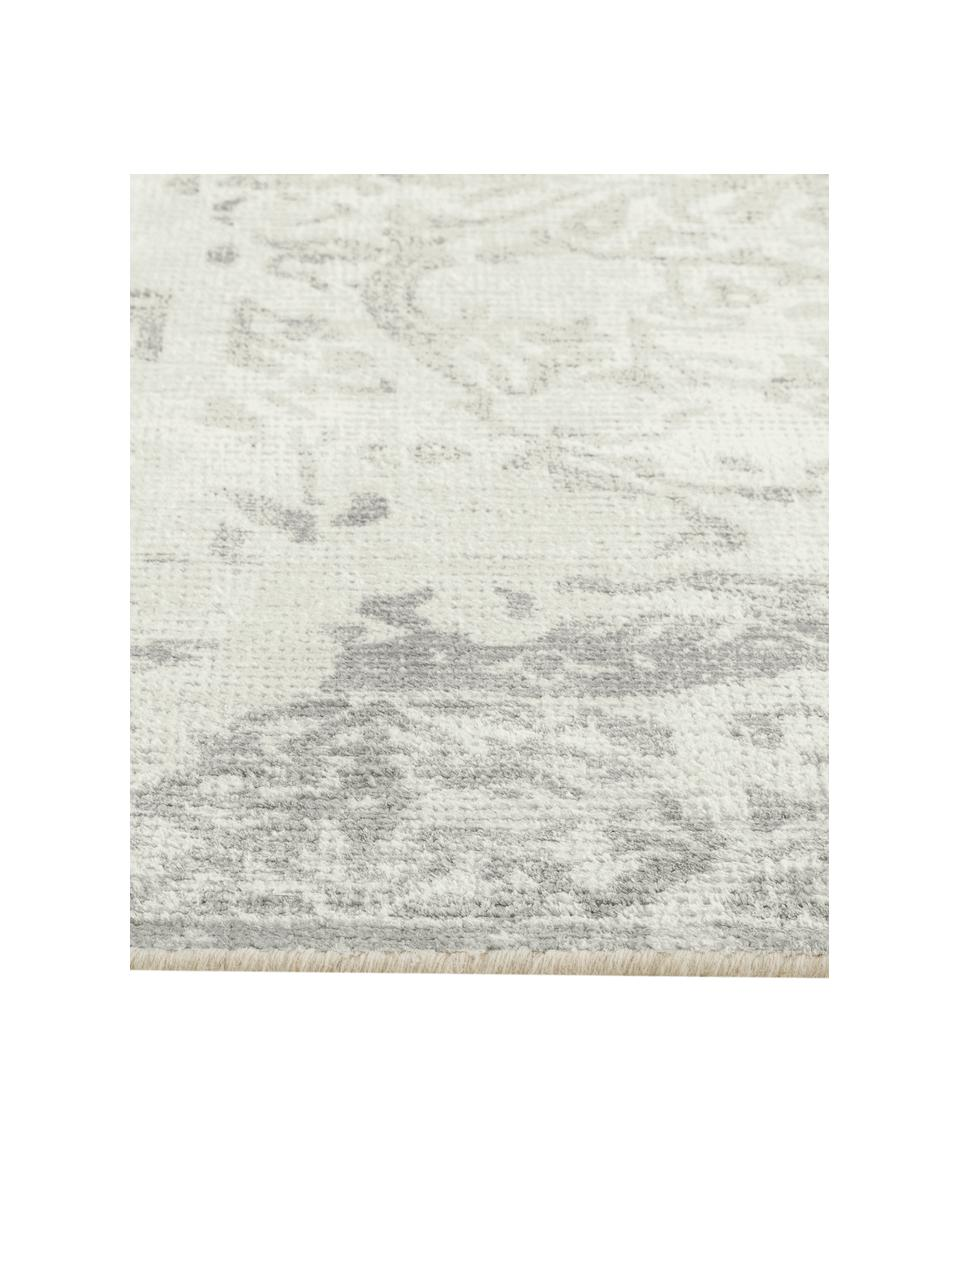 Dywan z wełny/wiskozy w stylu vintage Florentine, 50 % wełna, 50 % wiskoza   Włókna dywanów wełnianych mogą nieznacznie rozluźniać się w pierwszych tygodniach użytkowania, co ustępuje po pewnym czasie, Beżowy, jasny szary, S 170 x D 240 cm (Rozmiar M)